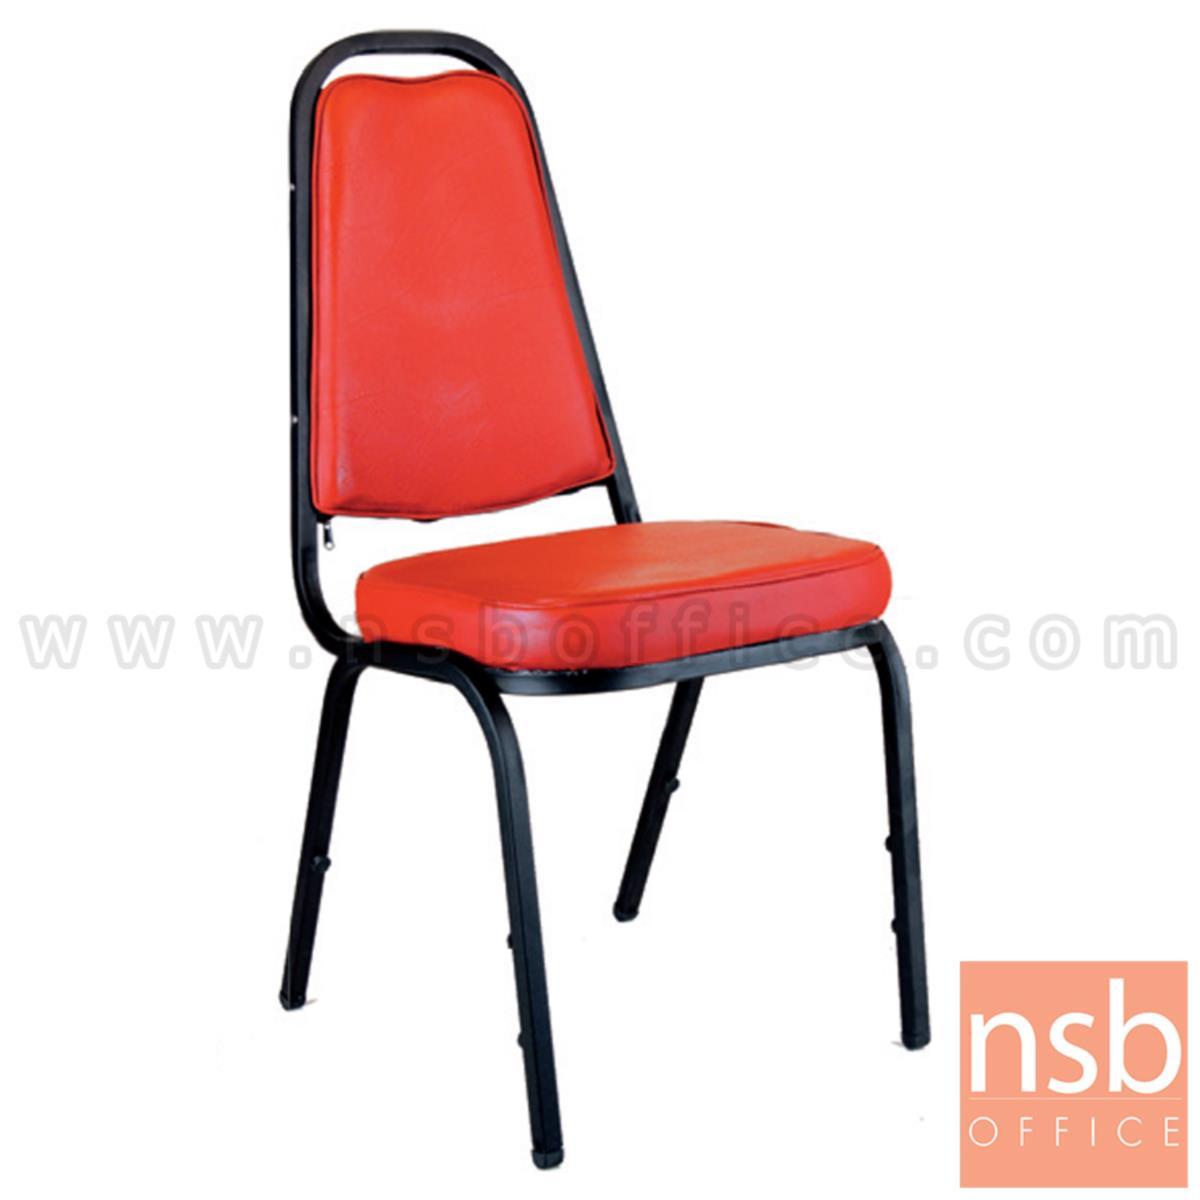 เก้าอี้อเนกประสงค์จัดเลี้ยง รุ่น Brosnan (บรอสแนน) ขาเหล็ก